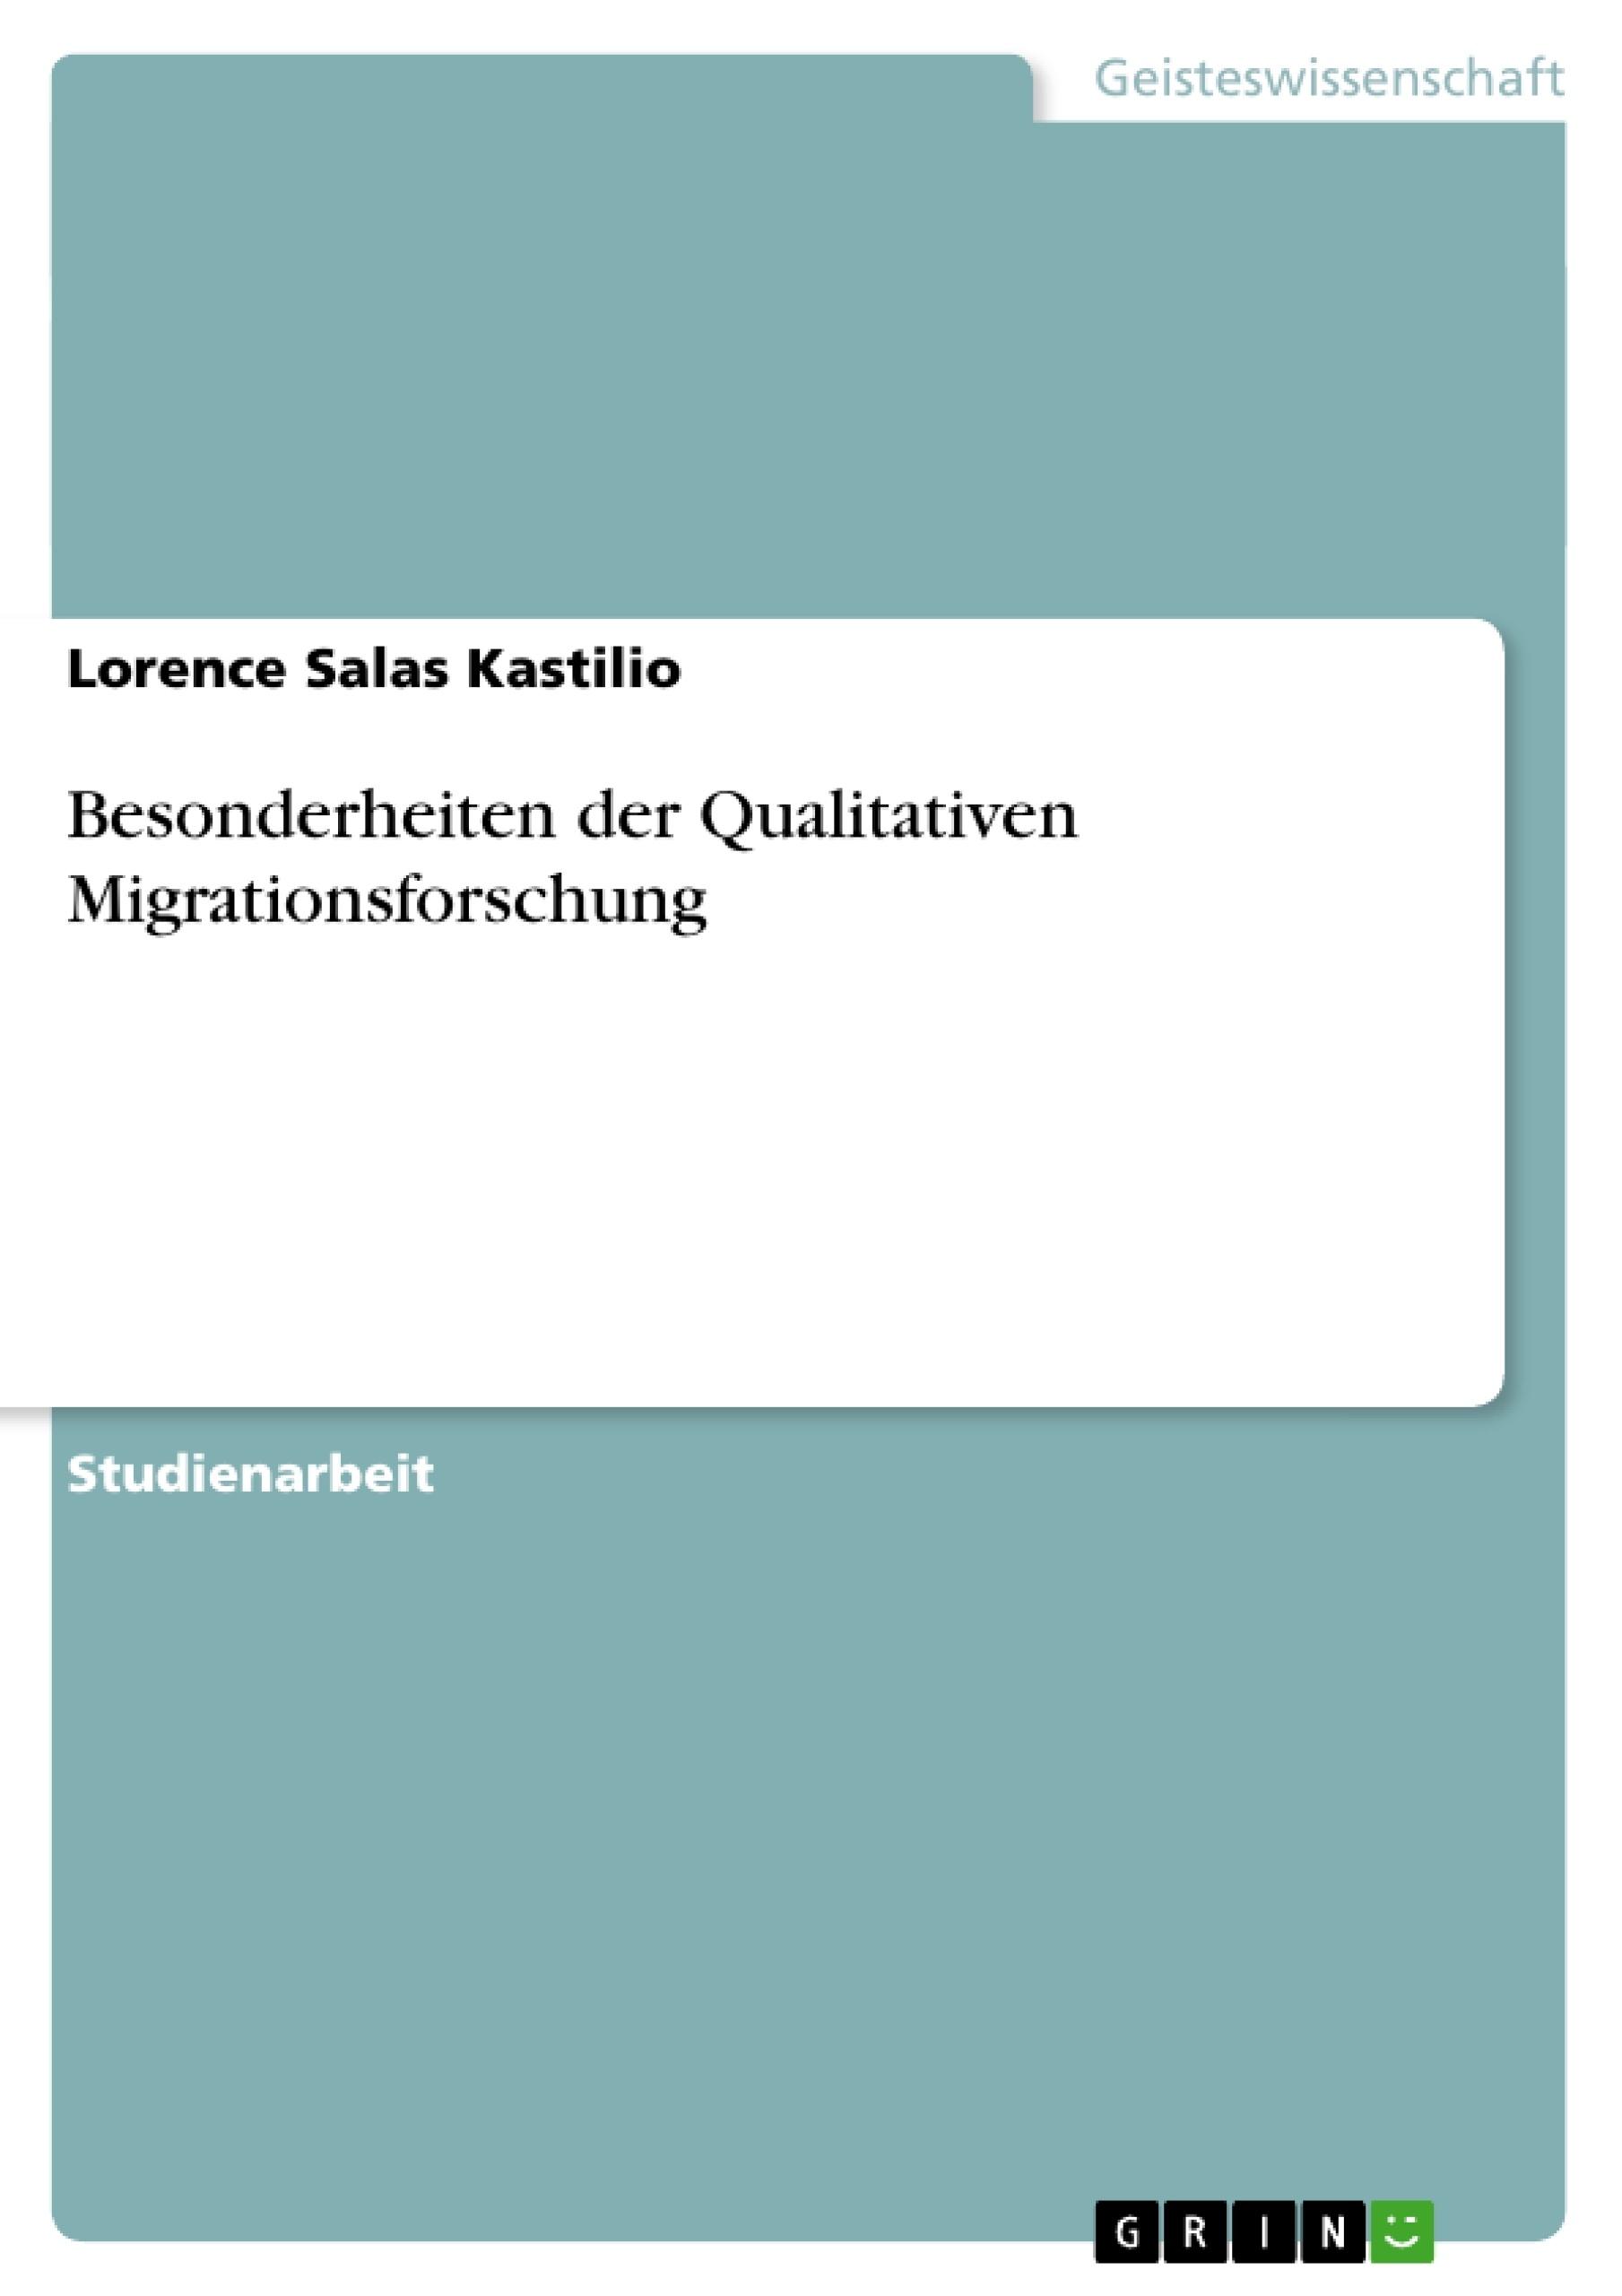 Titel: Besonderheiten der Qualitativen Migrationsforschung